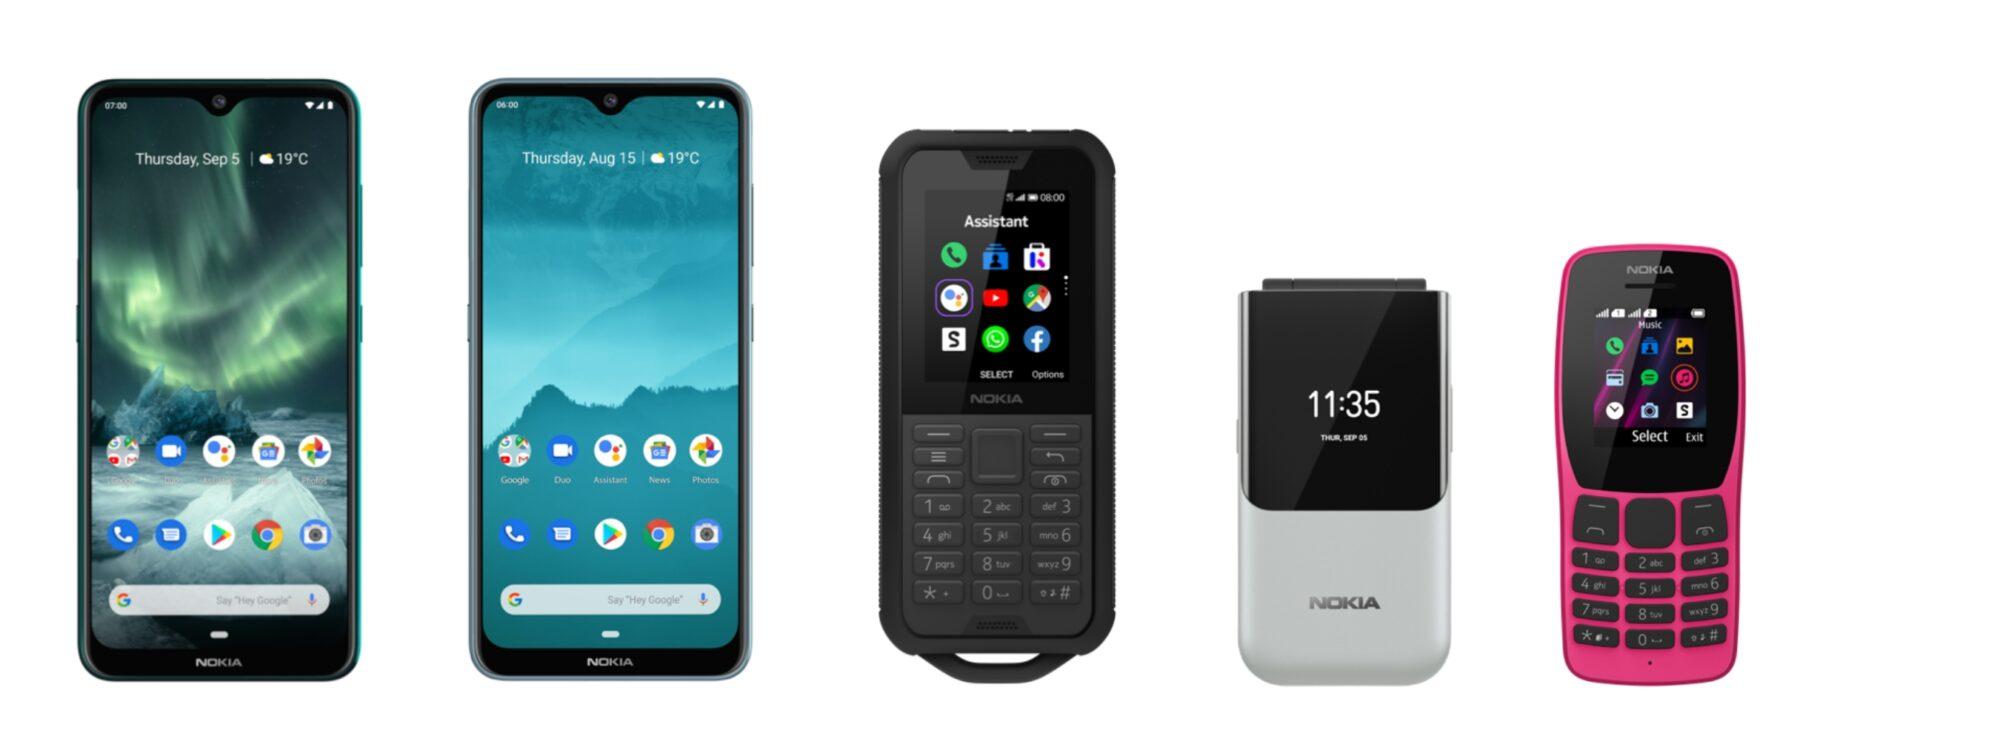 Cinque nuovi telefoni Nokia presentati a IFA 2019 da HMD Global thumbnail